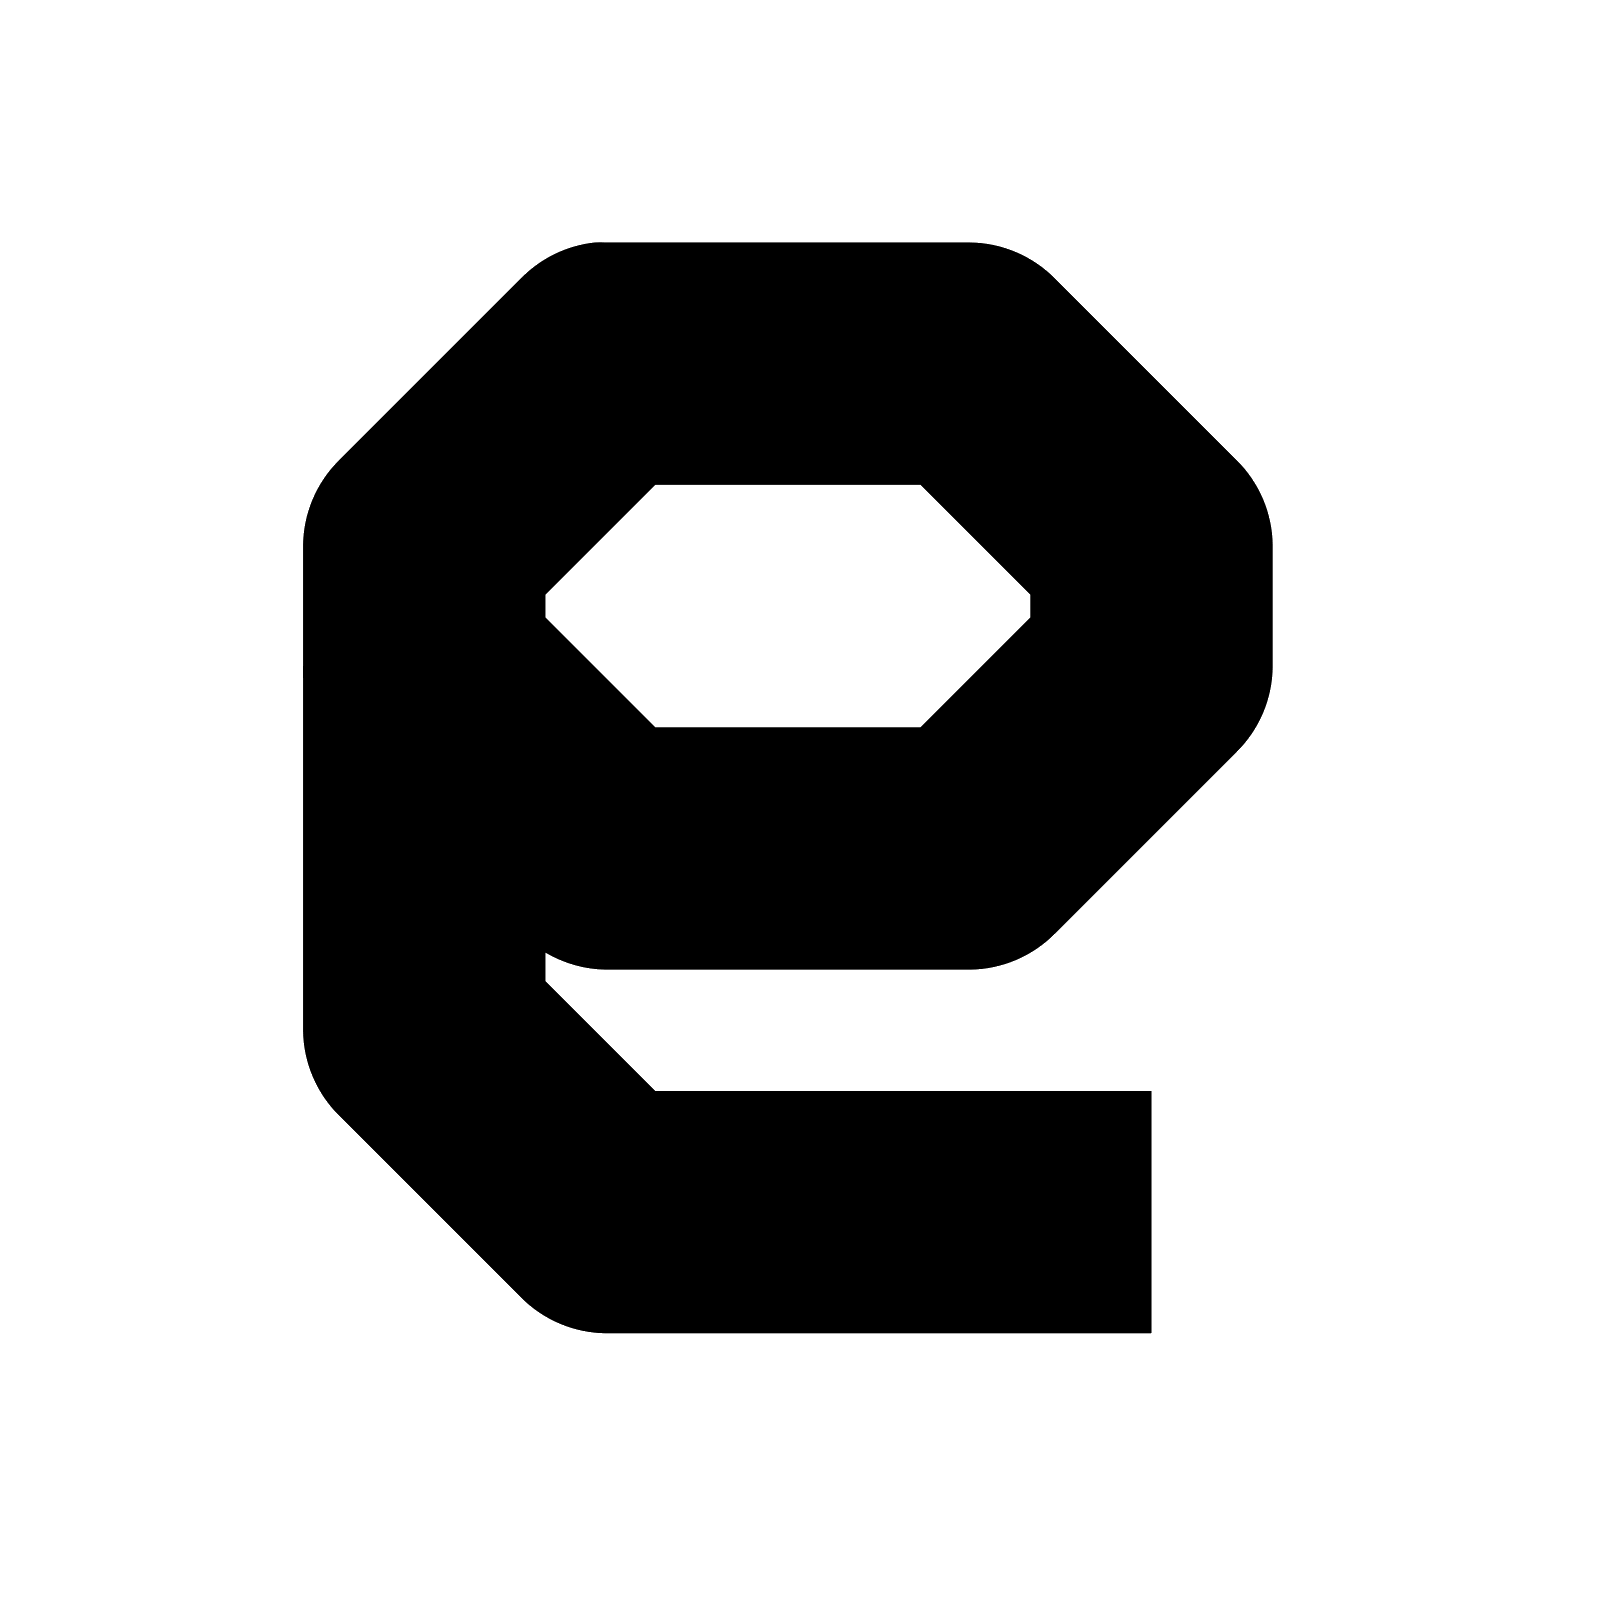 1600x1600 Letter E Icon